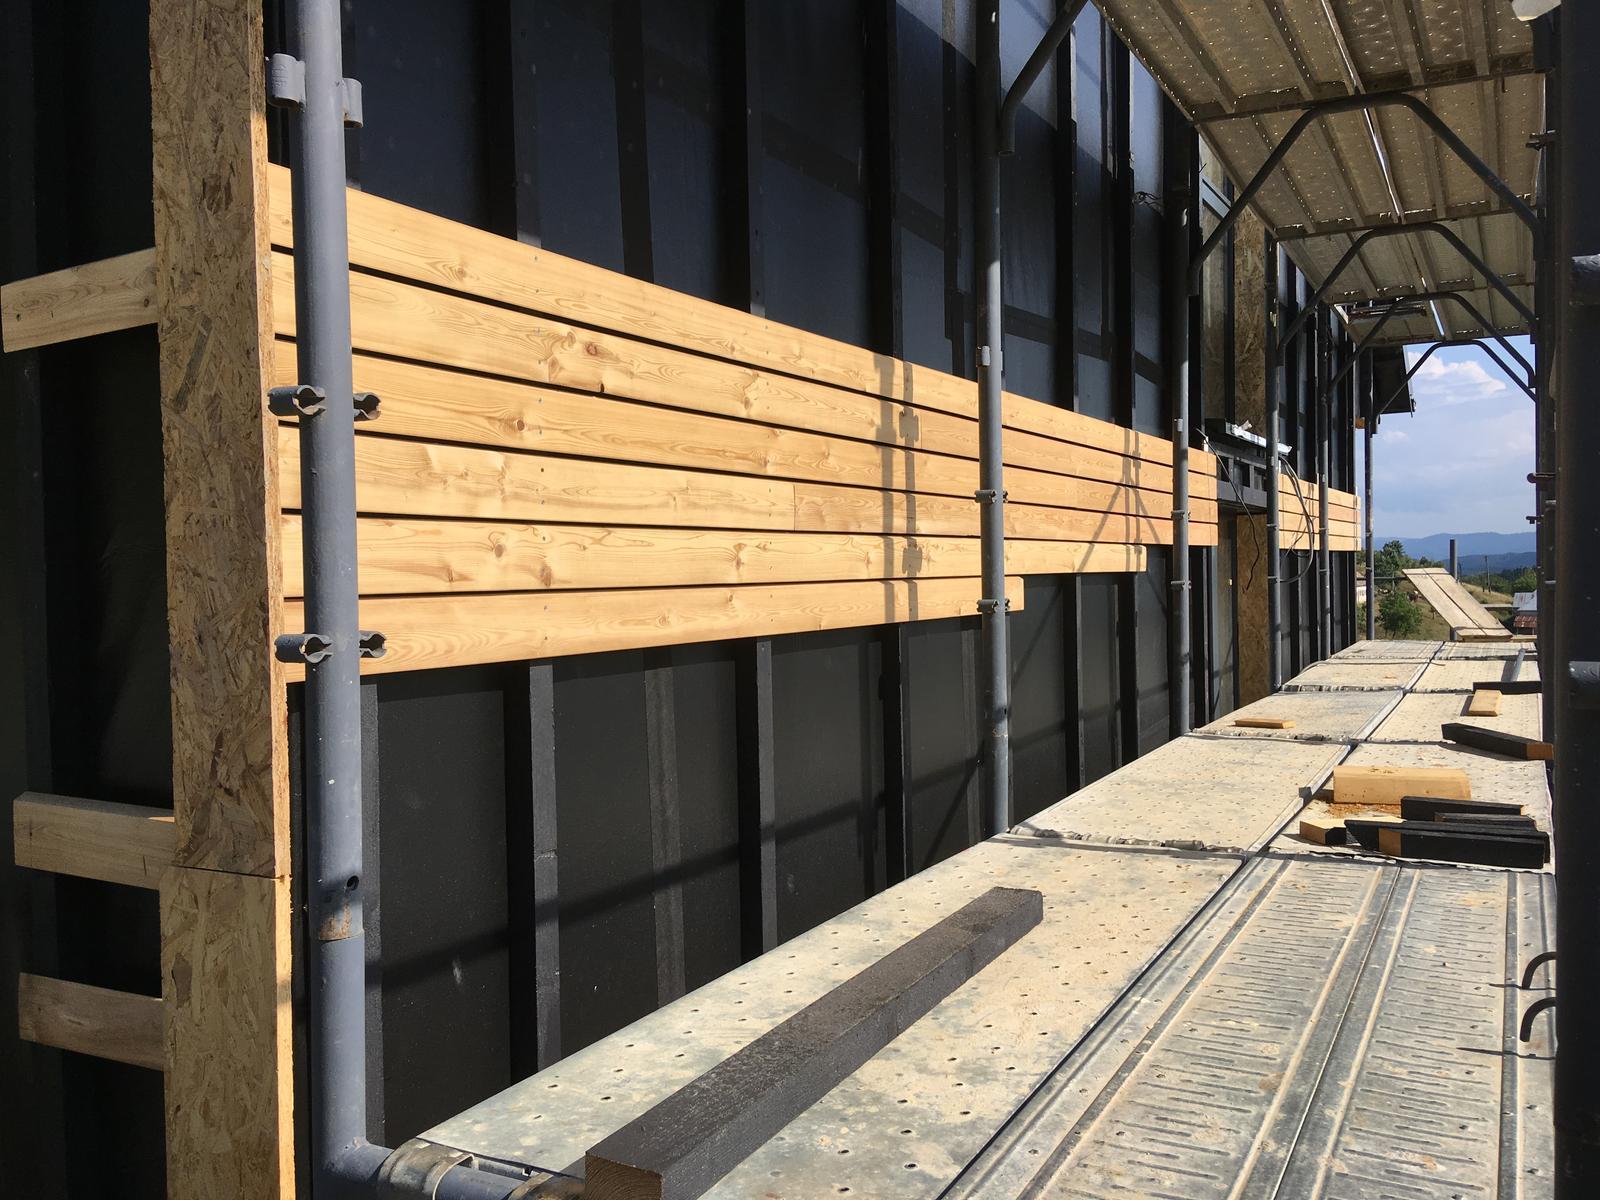 Nový dom v starom sade - Prvé drevko na fasáde